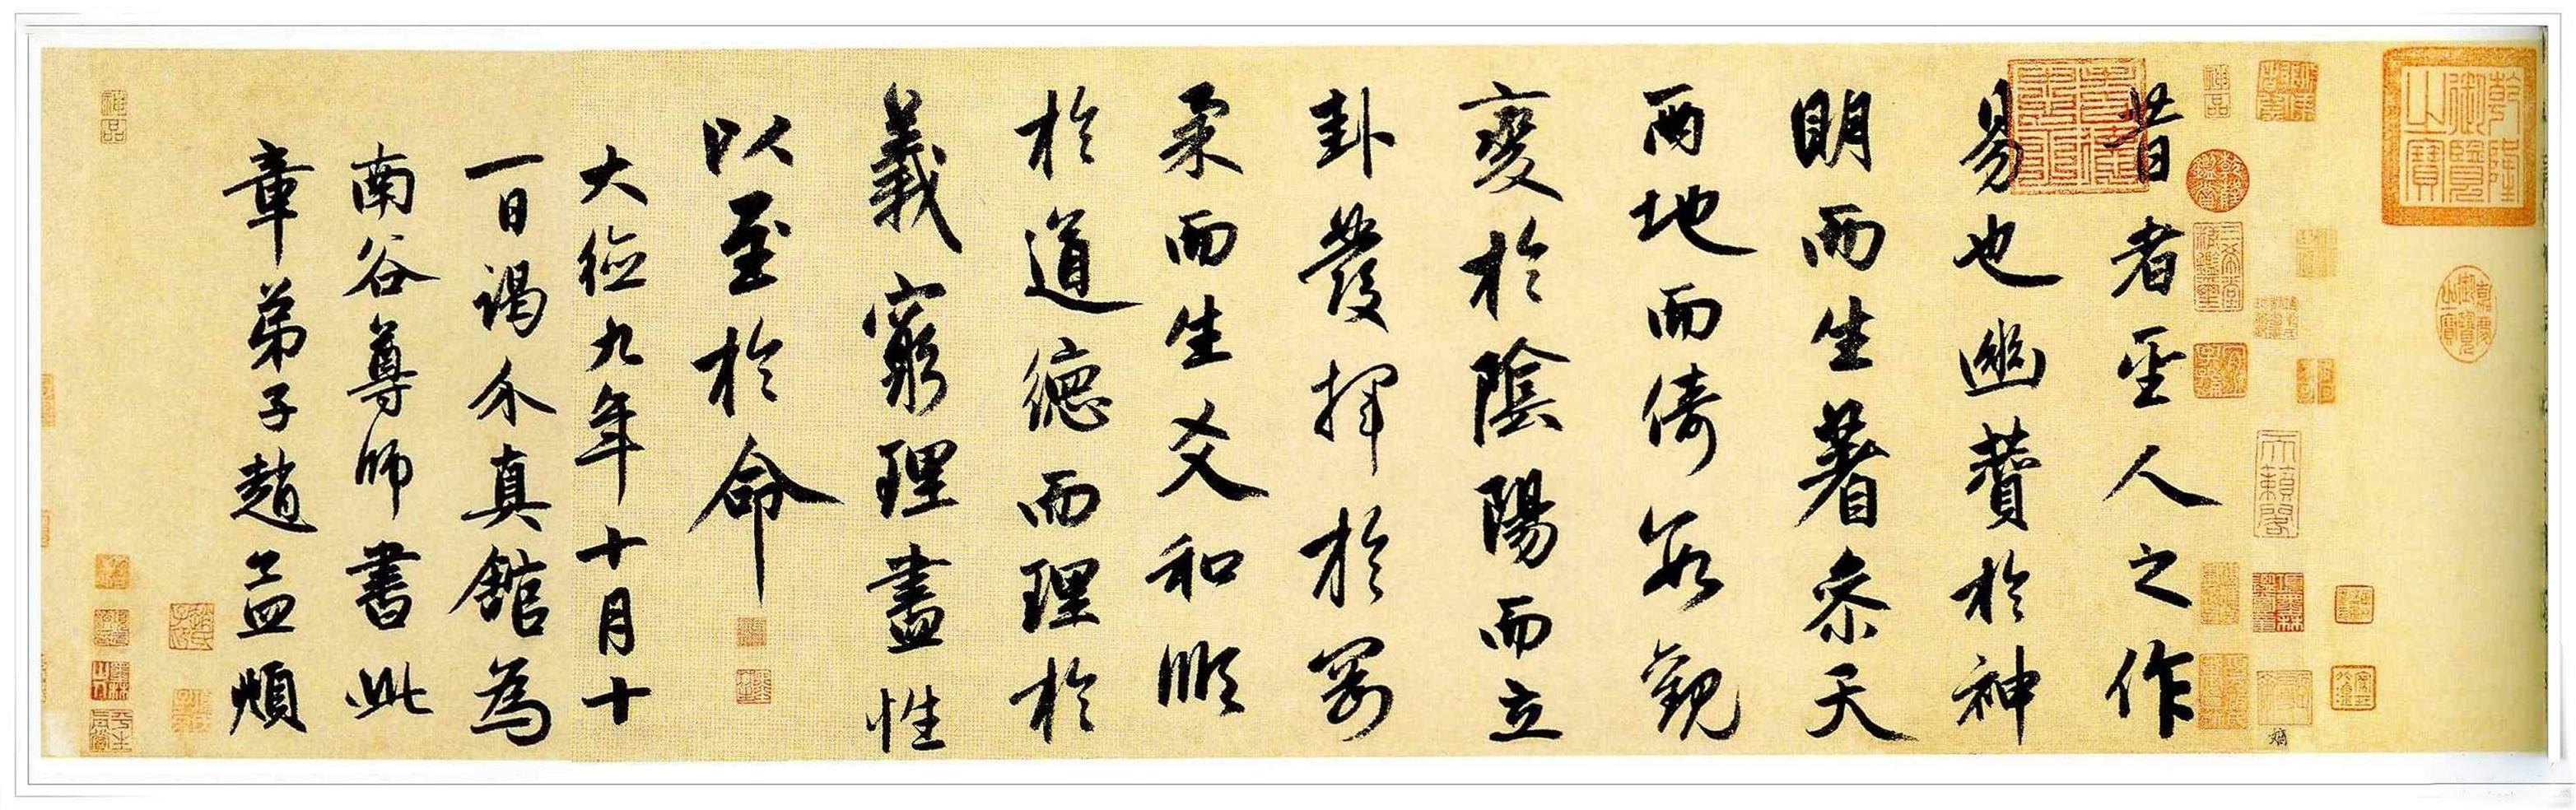 赵孟頫53岁行书《周易系辞》